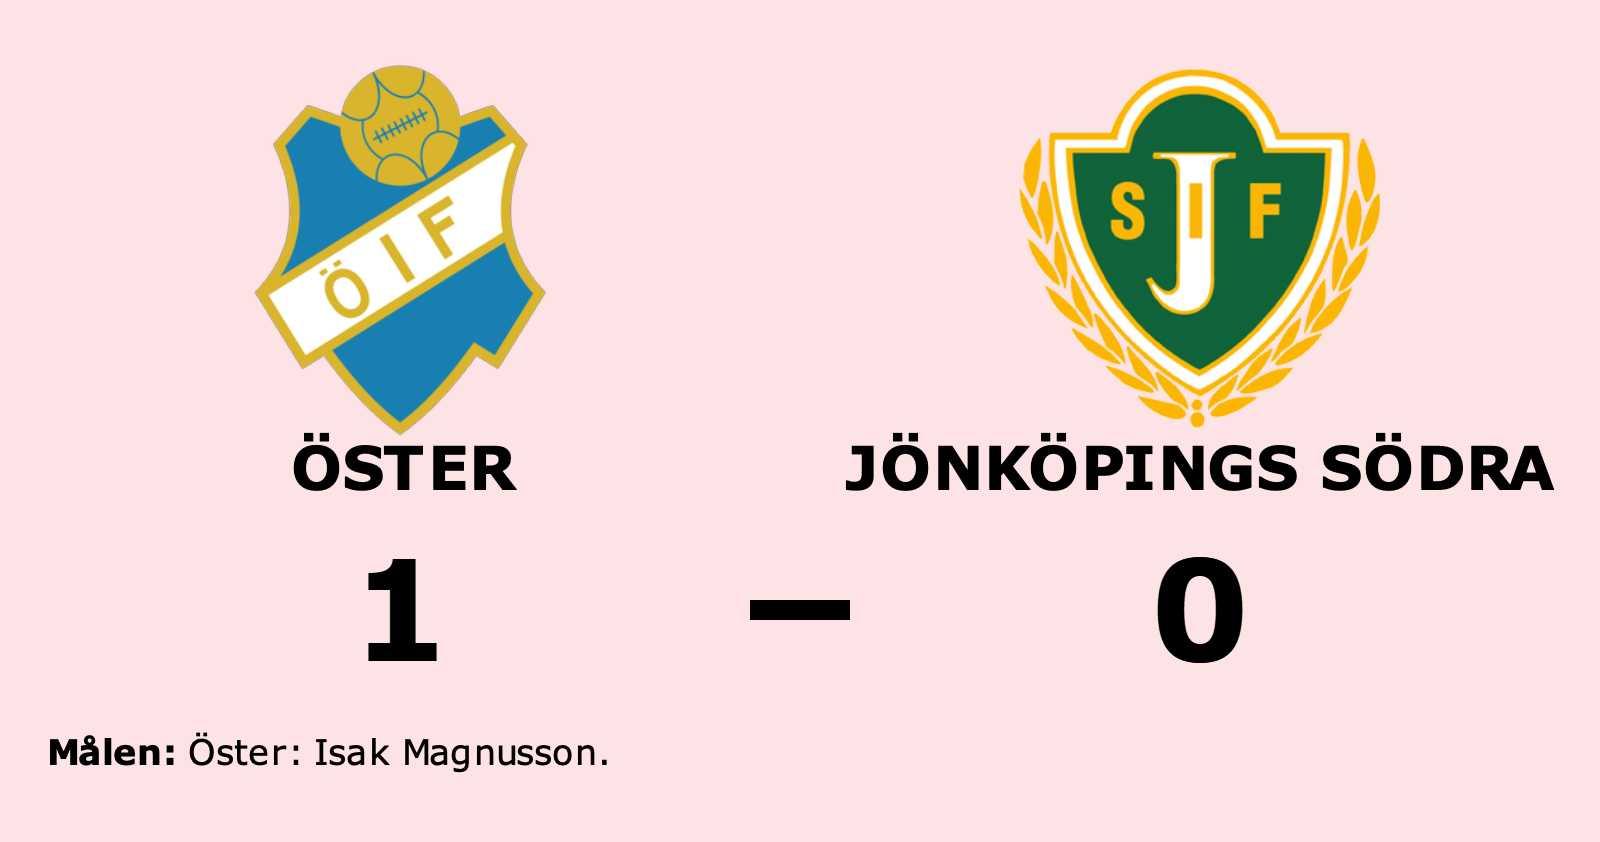 Uddamålsseger när Öster besegrade Jönköpings Södra